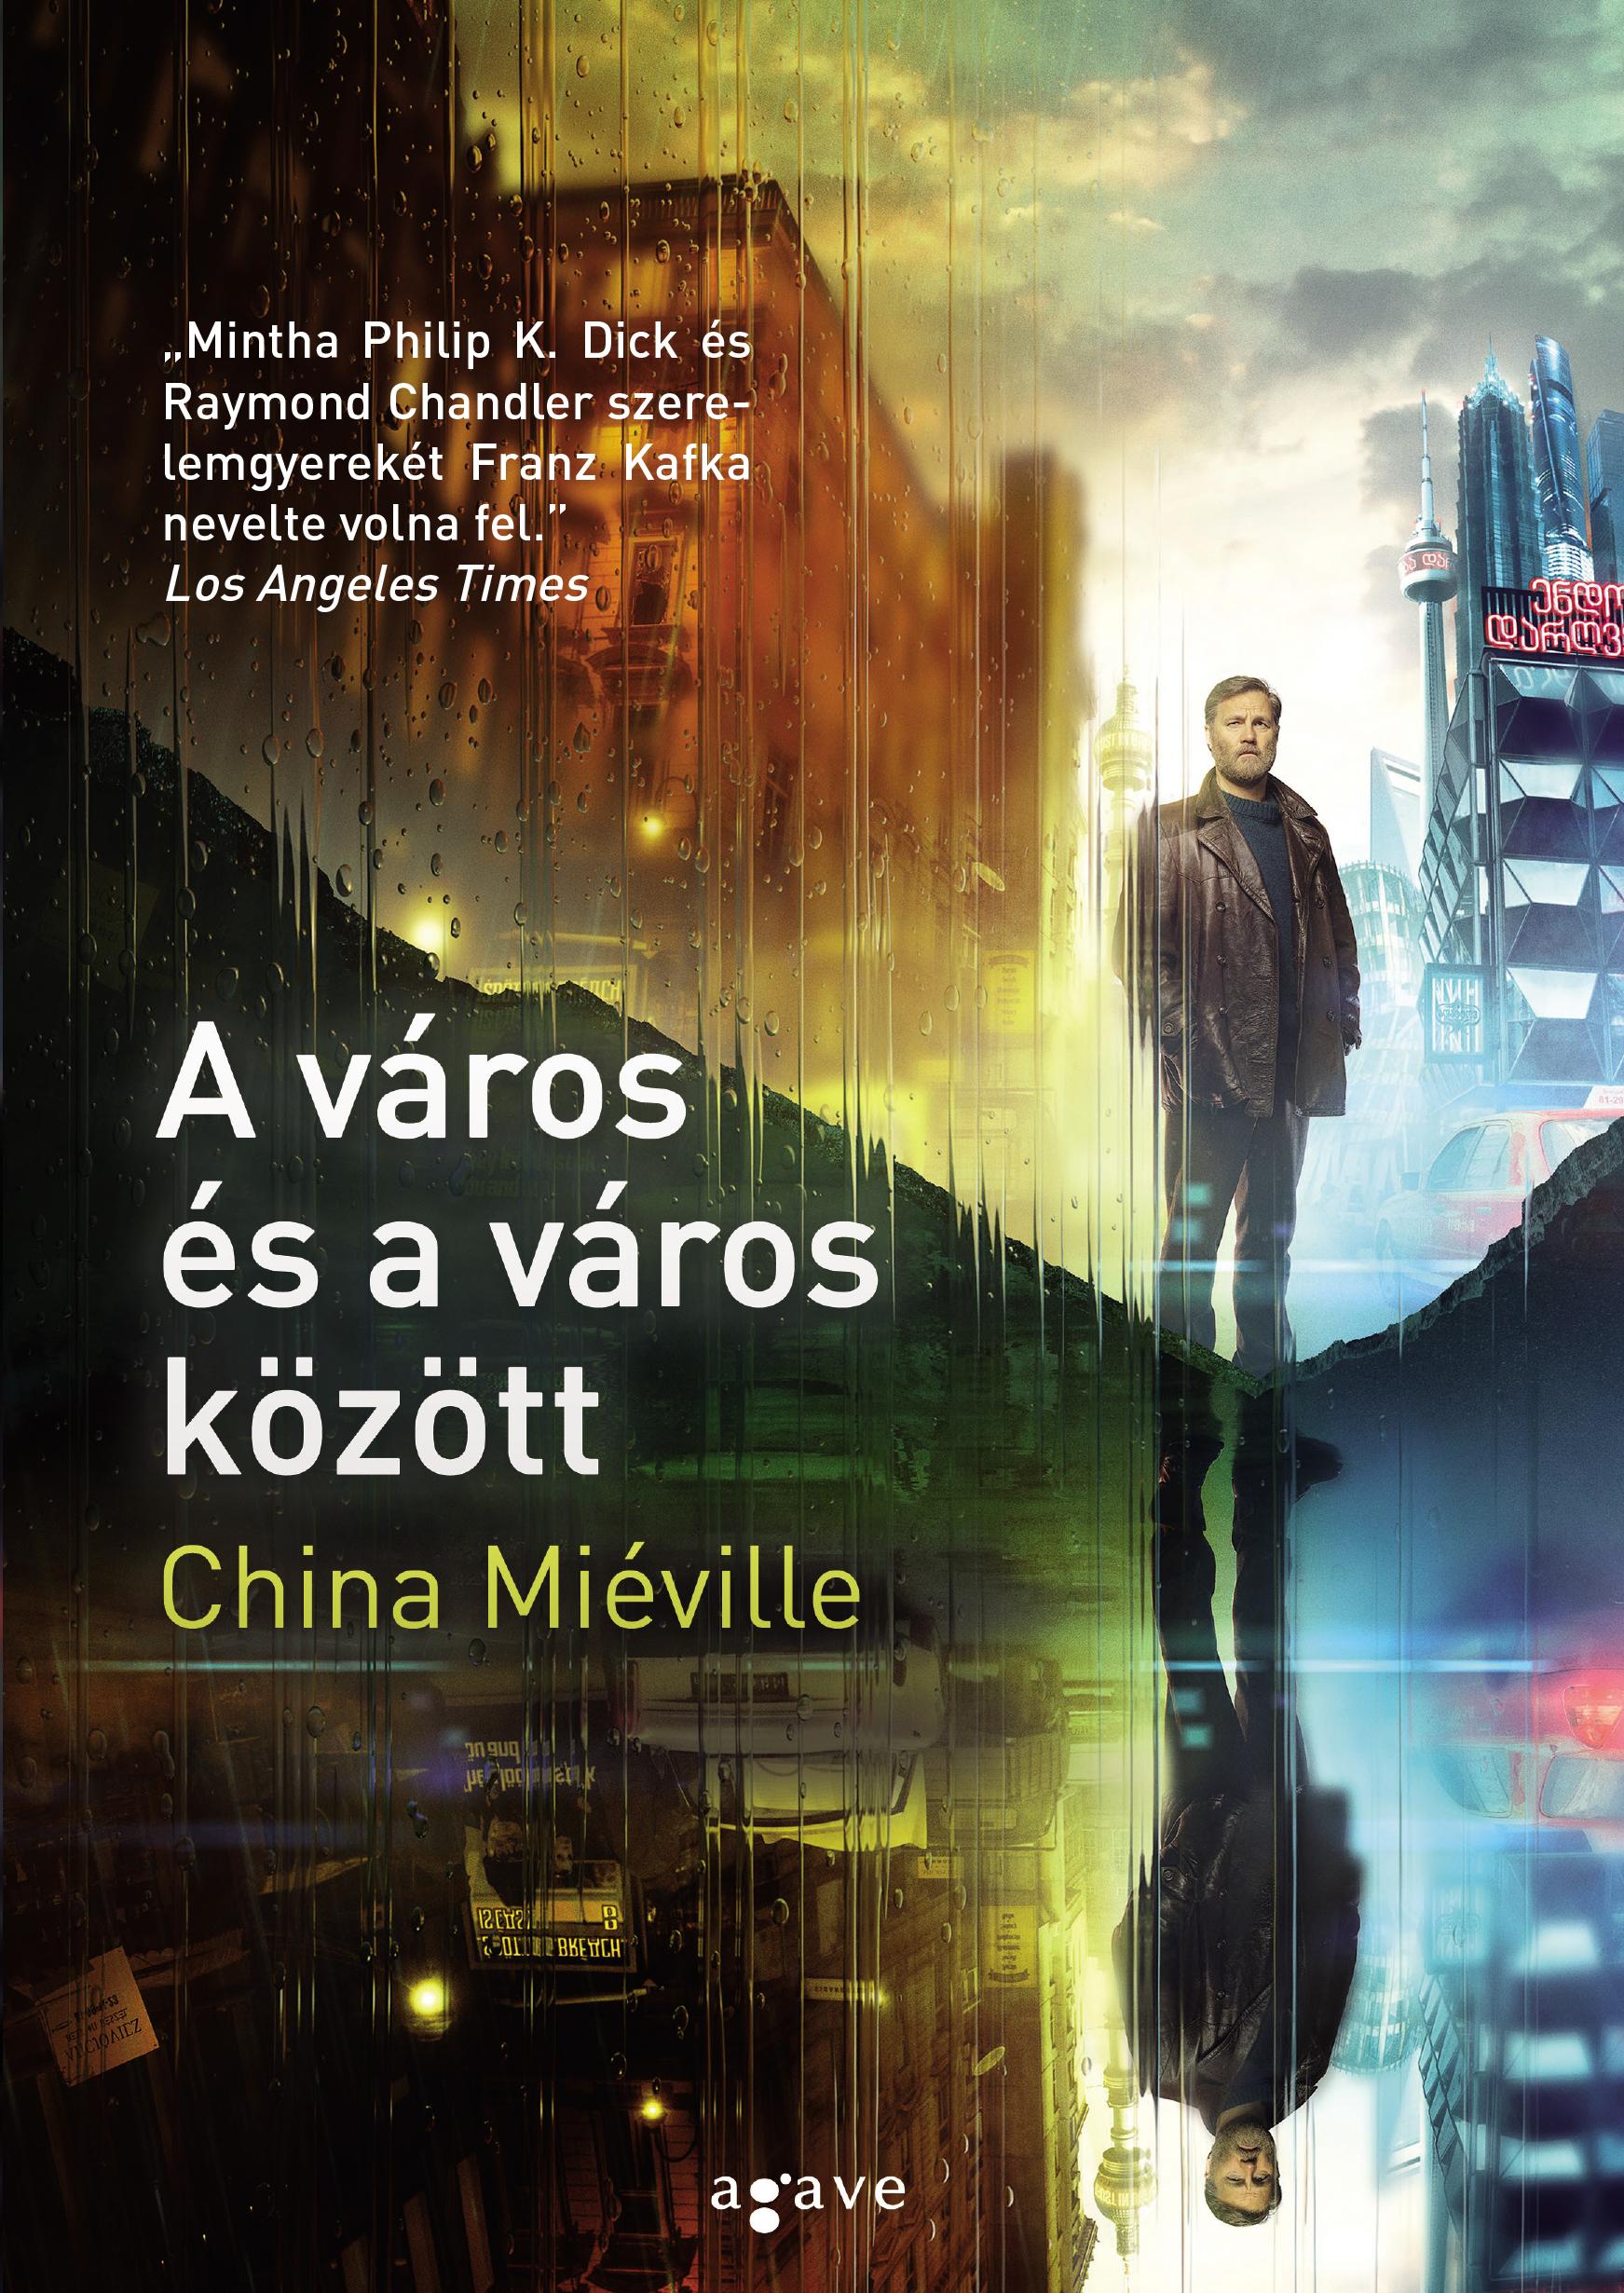 china_mieville_a_varos_es_a_varos_kozott_b1.jpg